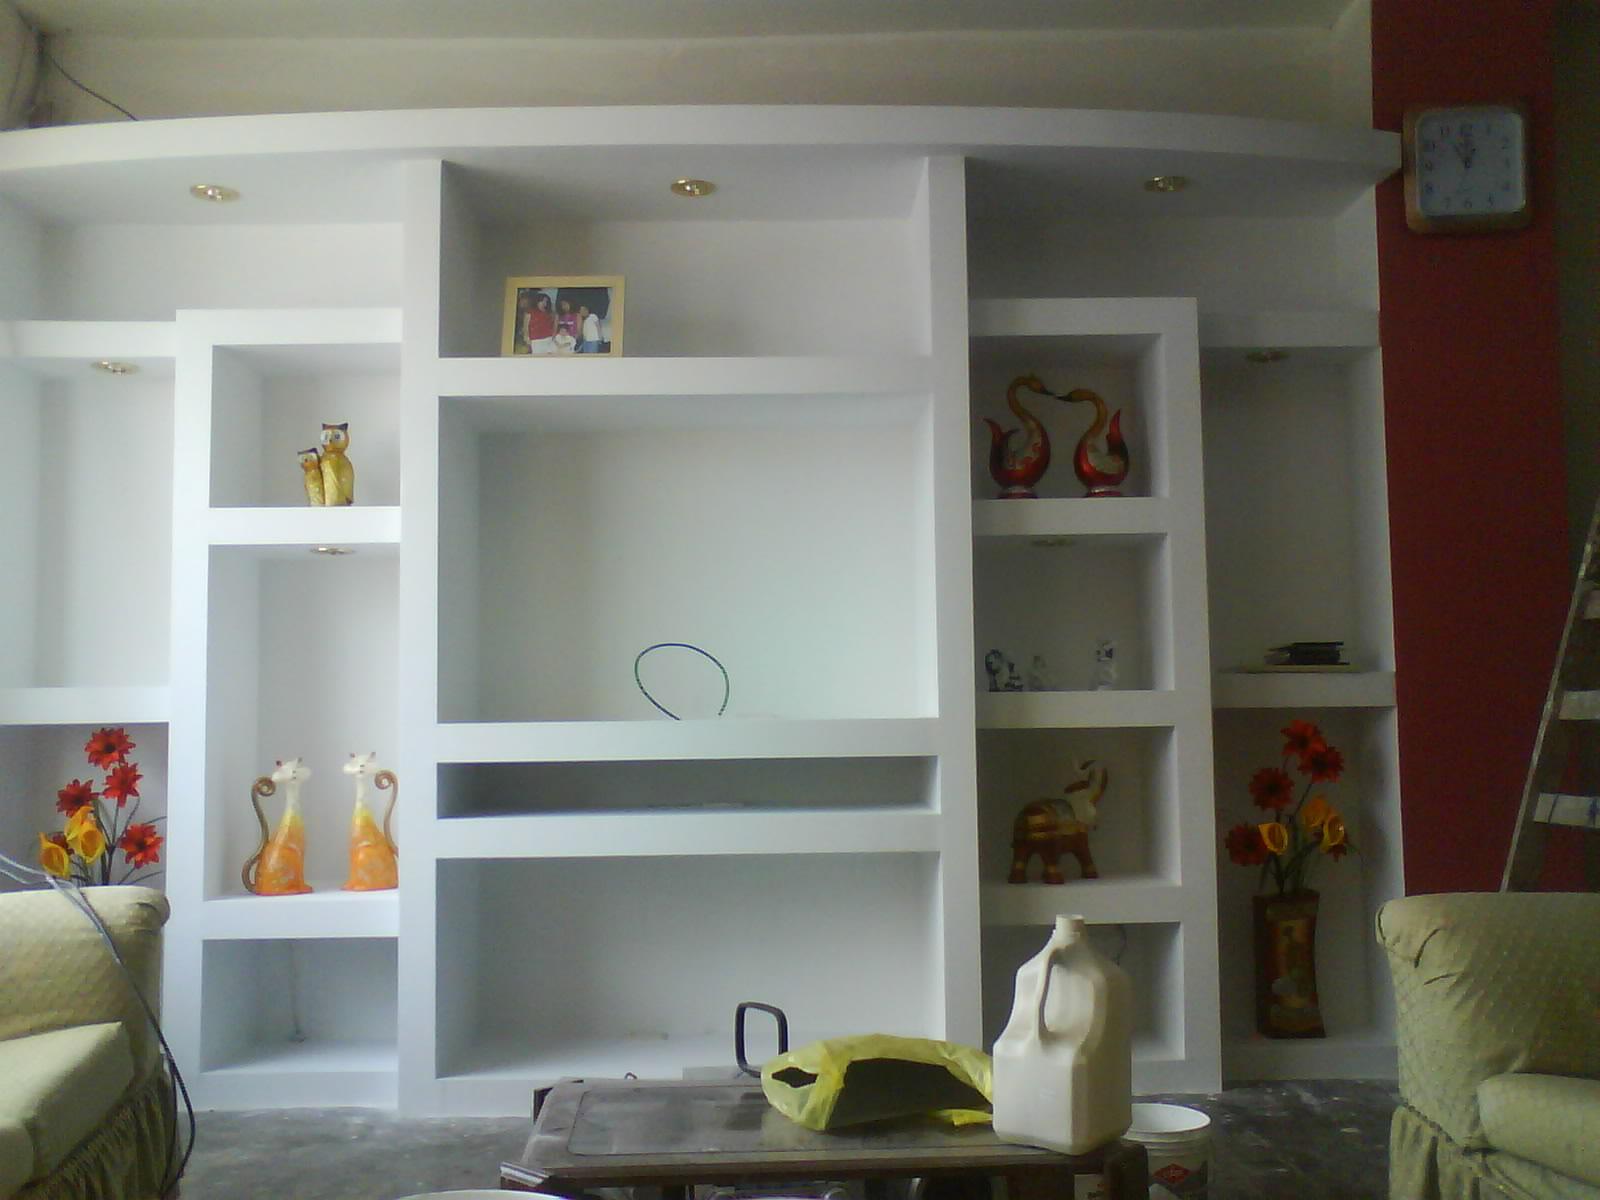 Drywall construye muebles drywall for Techos de drywall para dormitorios